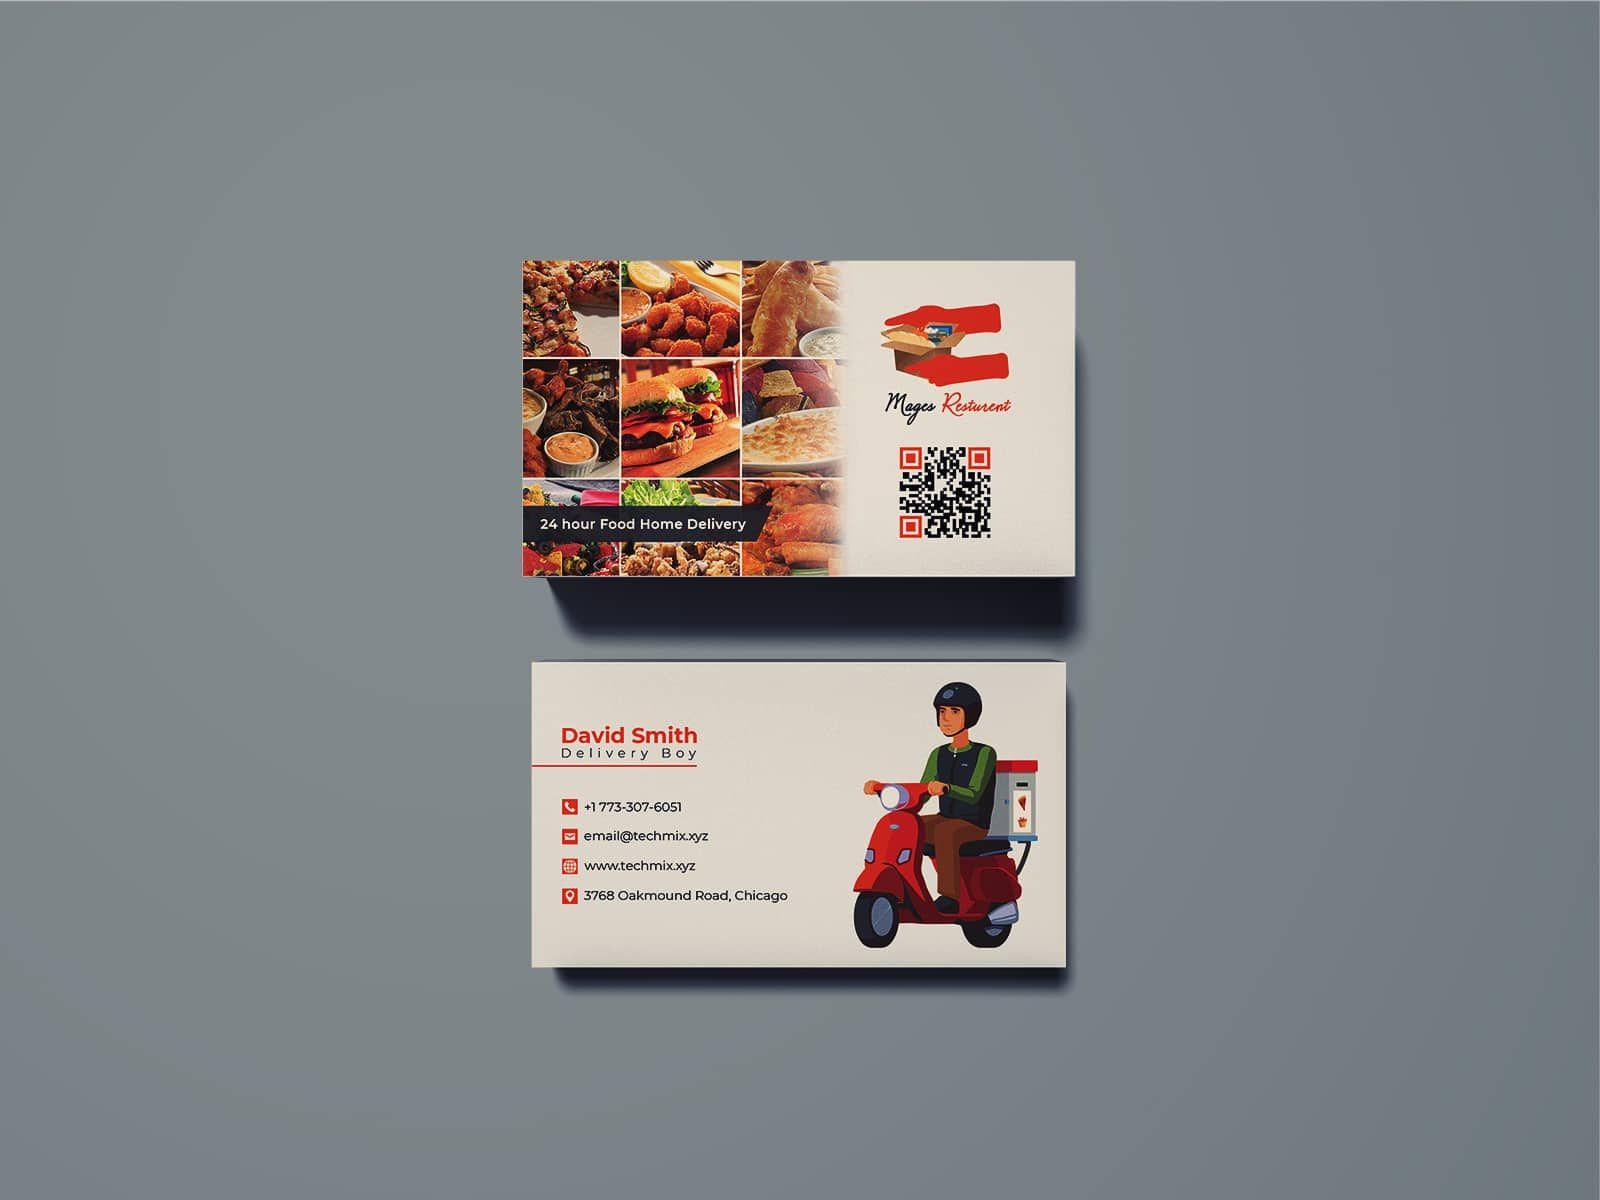 Food Delivery Business Card Restaurant Business Cards Food Delivery Business Spa Business Cards Design